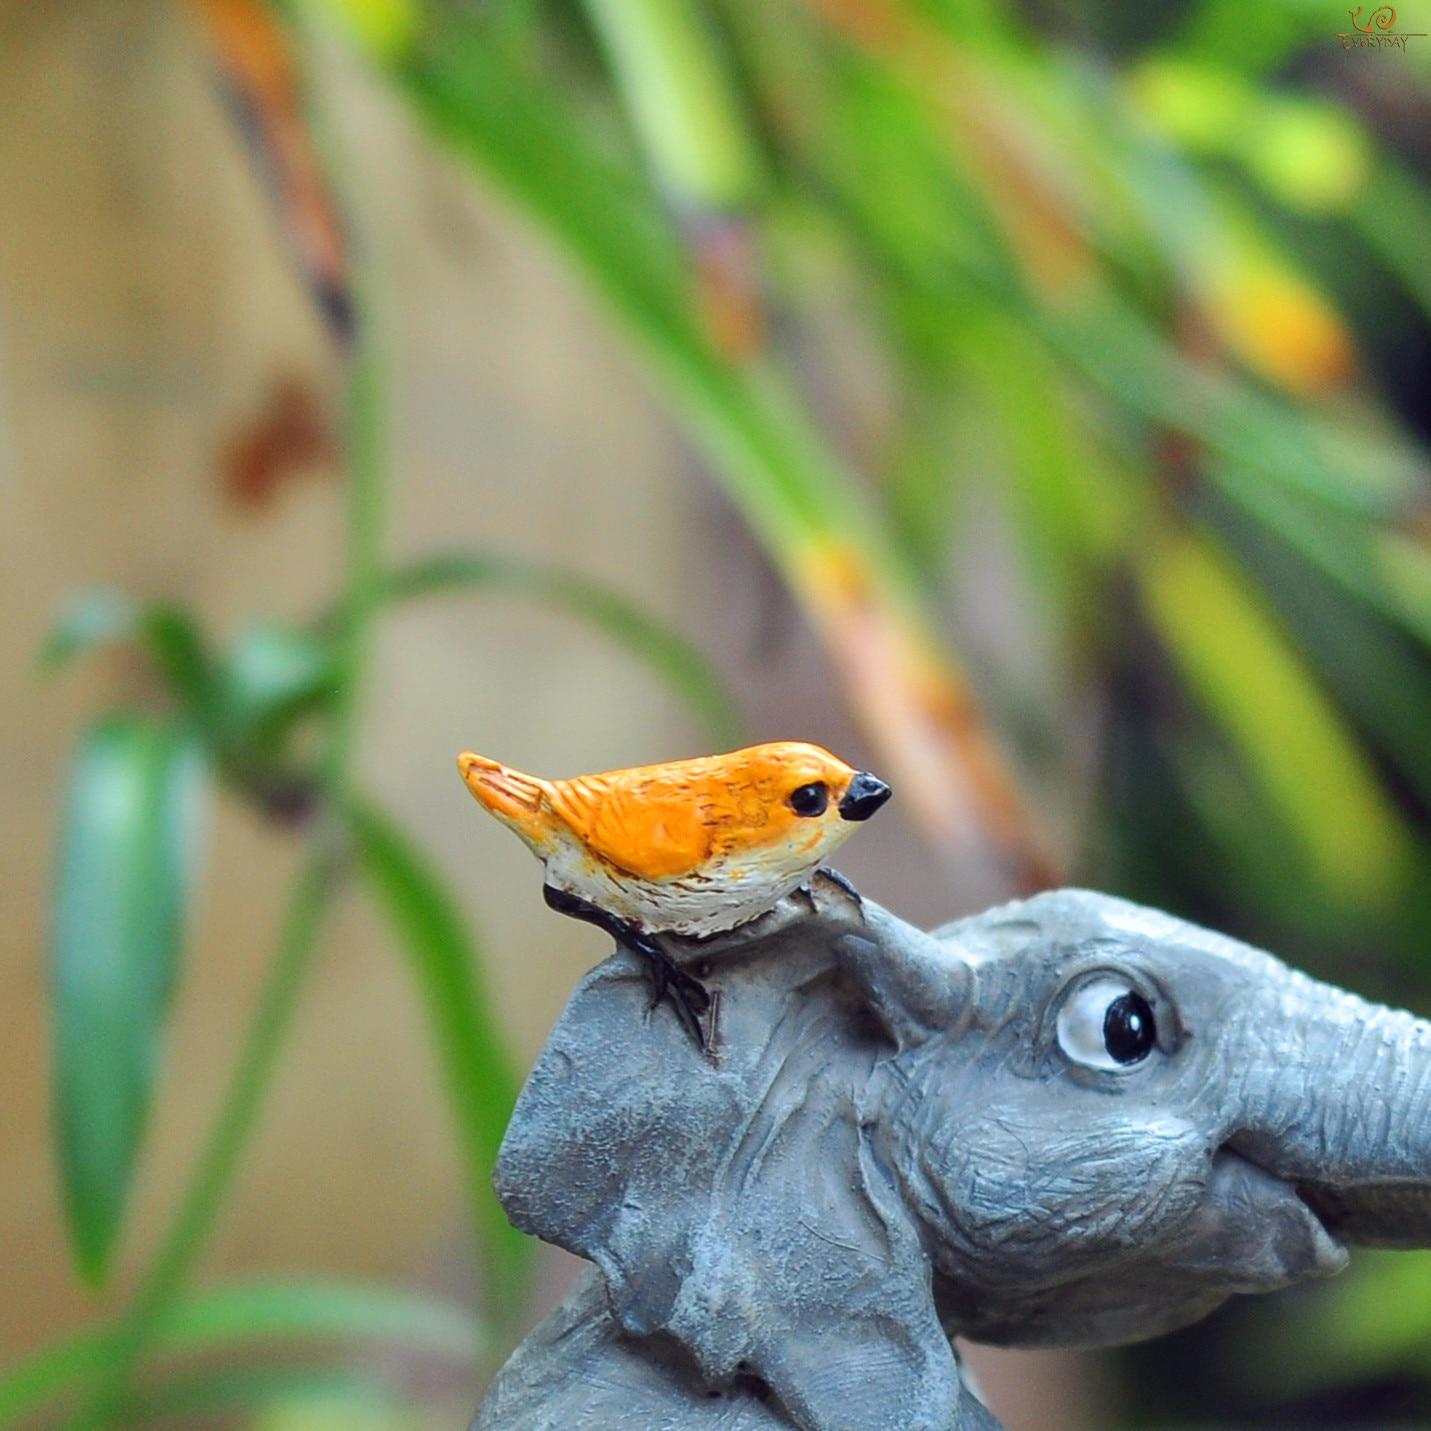 Купить с кэшбэком Everyday collection lucky elephant figurines fairy garden animal ornaments home decor tabletop decoration souvenir crafts